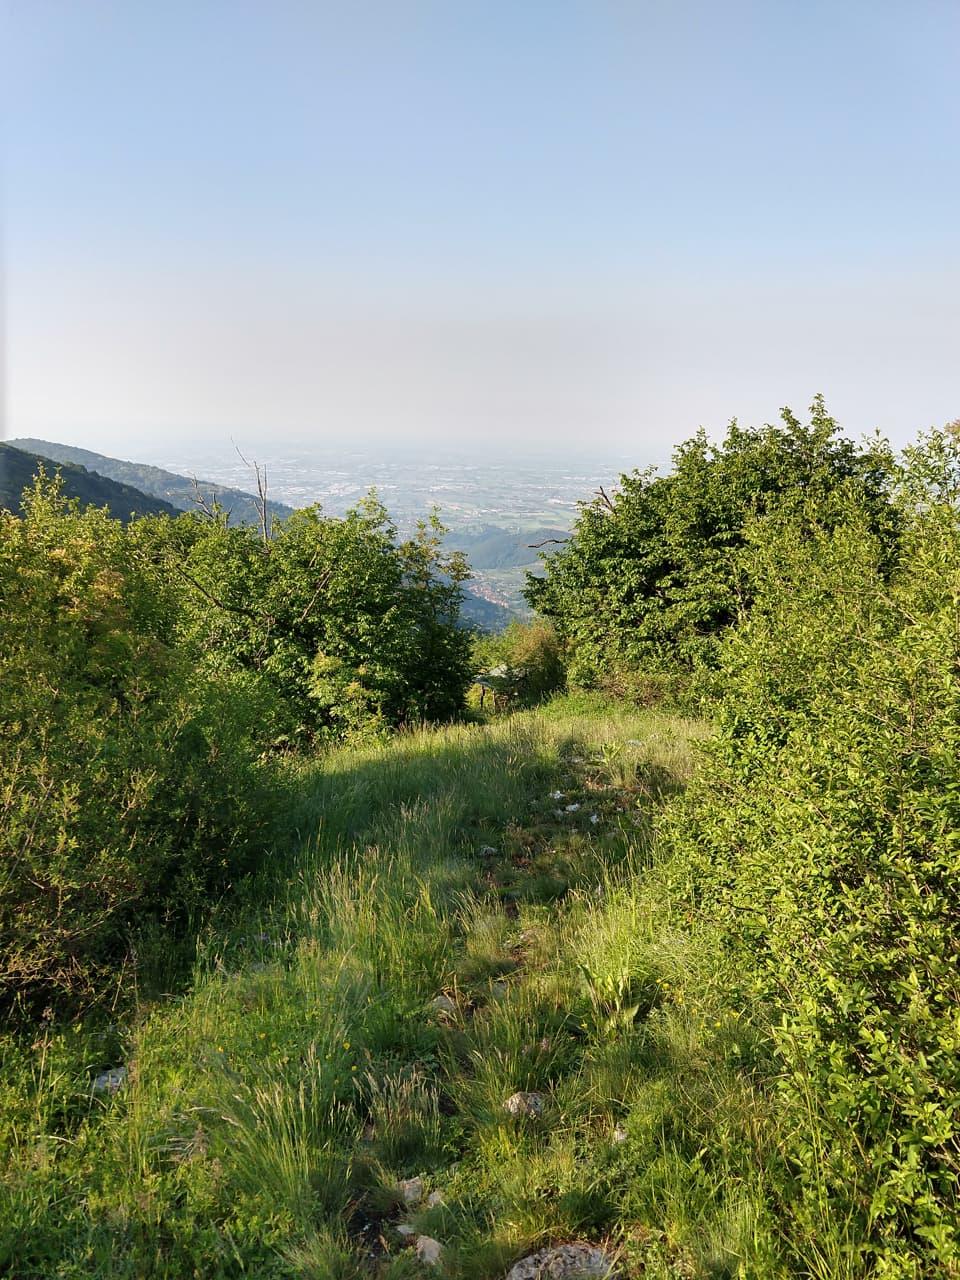 Il sentiero è sempre appagante dal punto di vista paesaggistico e naturalistico